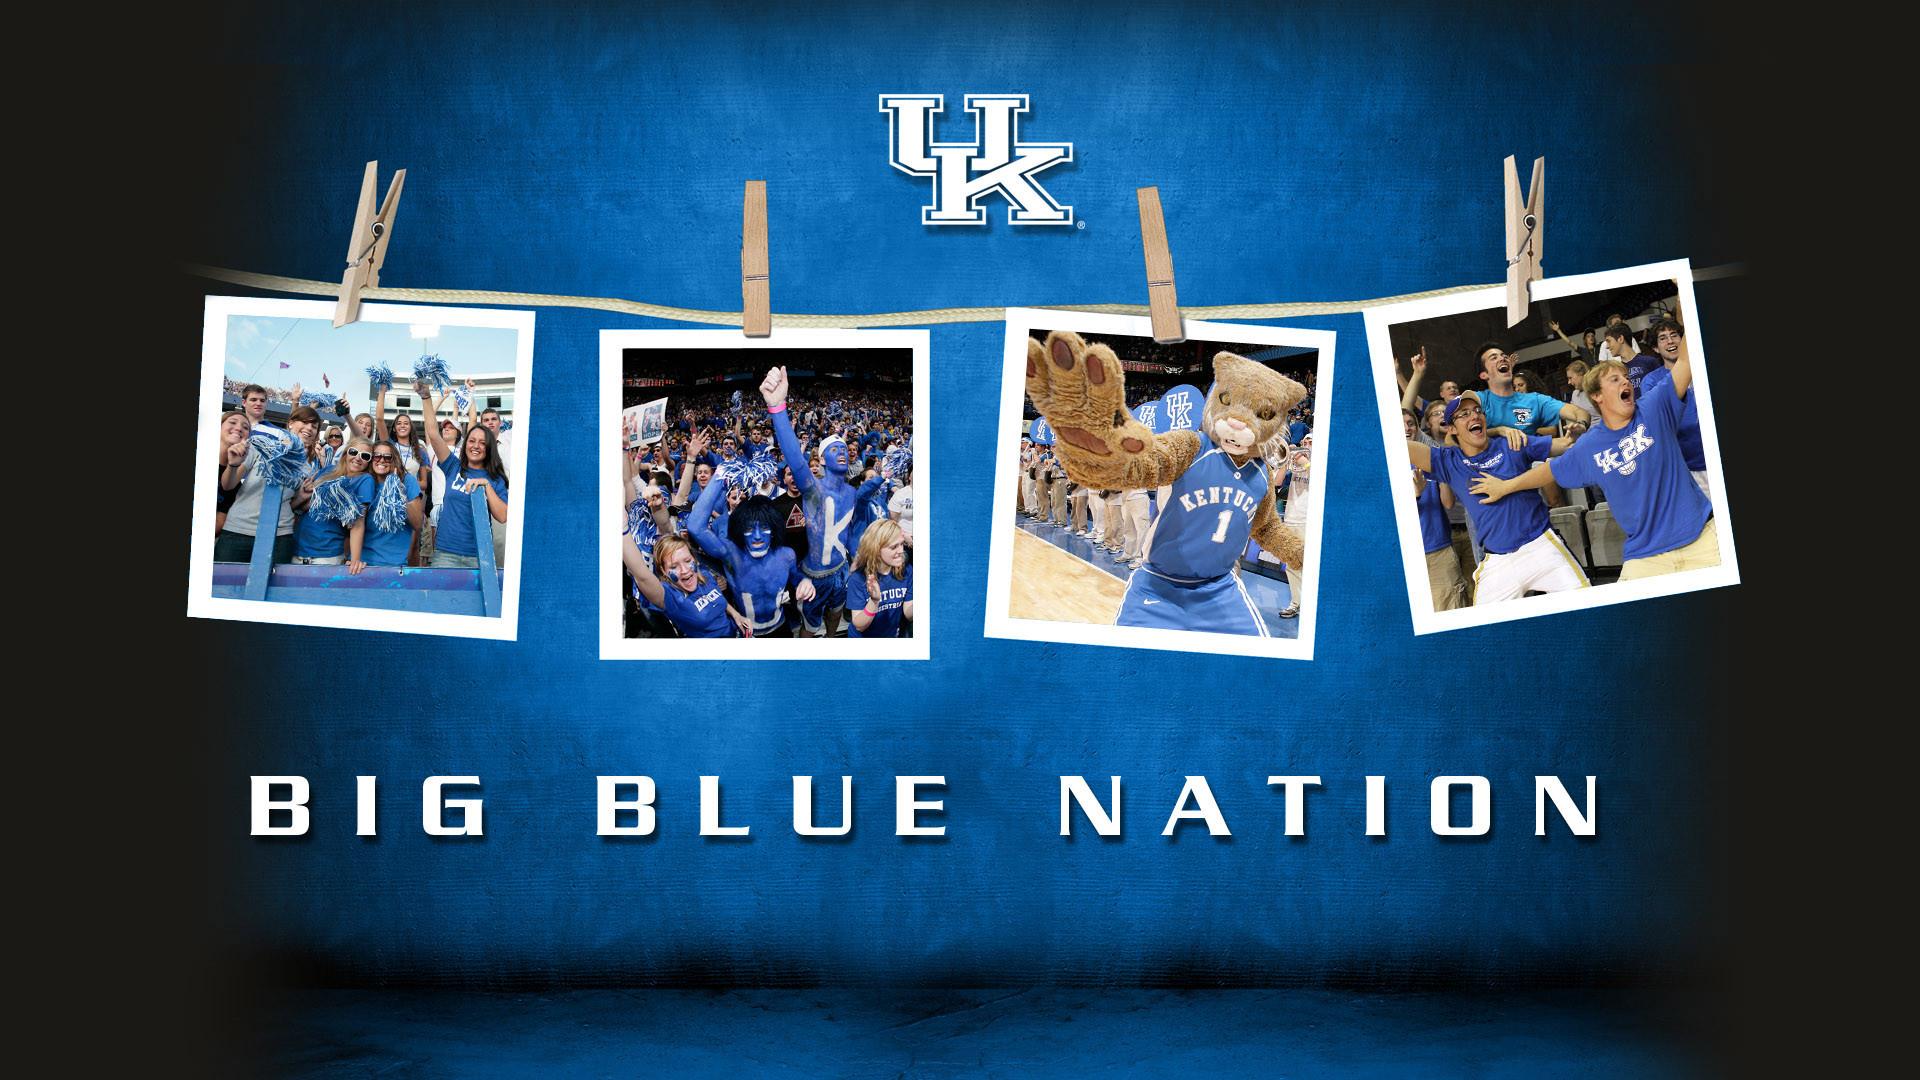 Big Blue Nation Fans Desktop Wallpaper